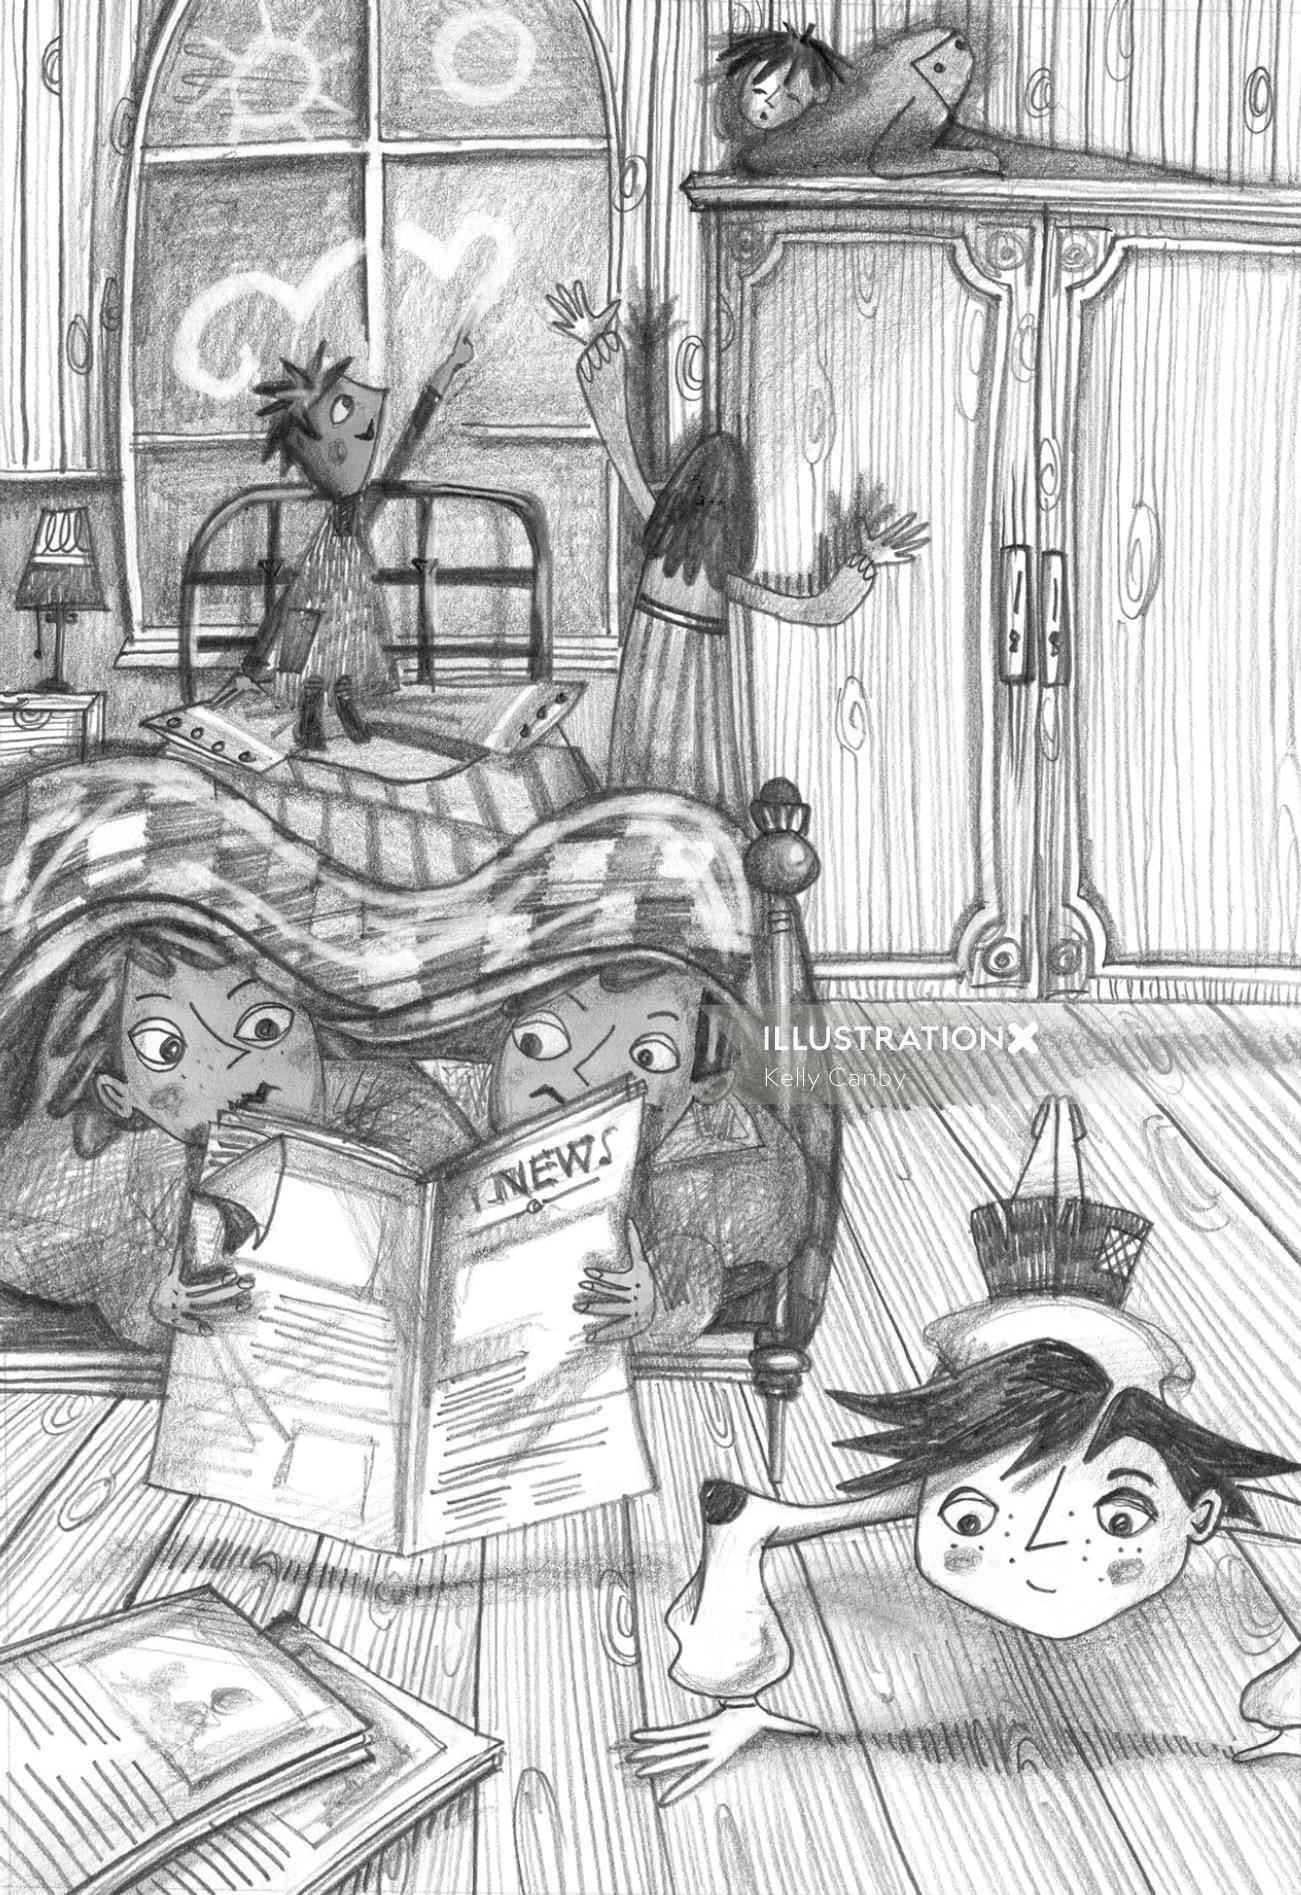 Children's playing in bedroom